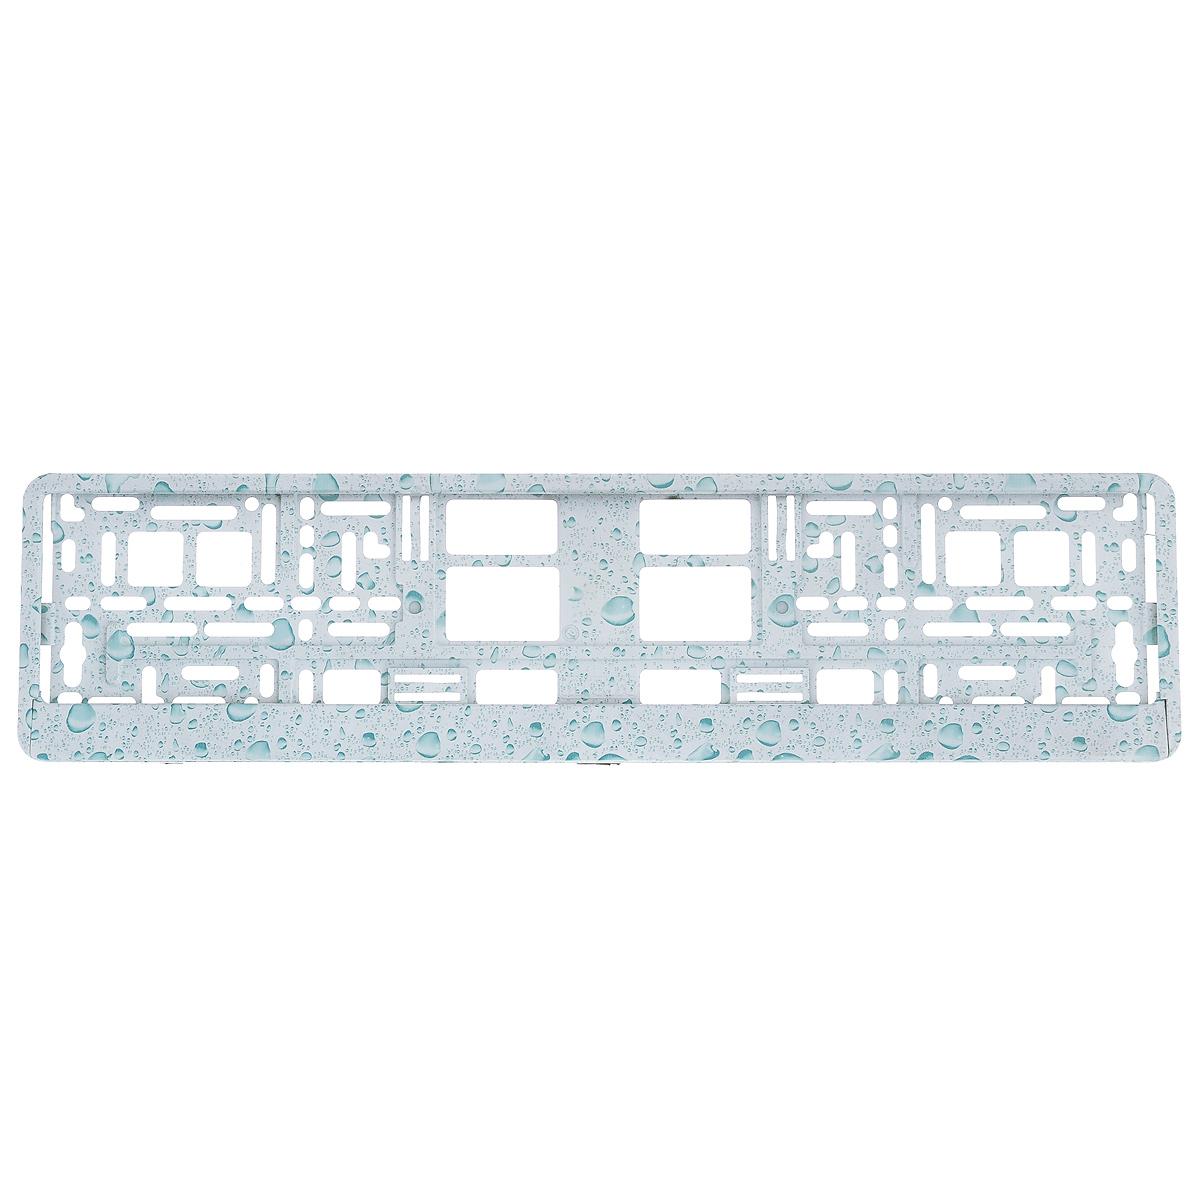 Рамка под номер Пузыри, цвет: голубойЗ0000014146Рамка Пузыри не только закрепит регистрационный знак на вашем автомобиле, но и красиво его оформит. Основание рамки выполнено из полипропилена, материал лицевой панели - пластик.Она предназначена для крепления регистрационного знака российского и европейского образца, декорирована принтом. Устанавливается на все типы автомобилей. Крепления в комплект не входят.Стильный дизайн идеально впишется в экстерьер вашего автомобиля.Размер рамки: 53,5 см х 13,5 см. Размер регистрационного знака: 52,5 см х 11,5 см.